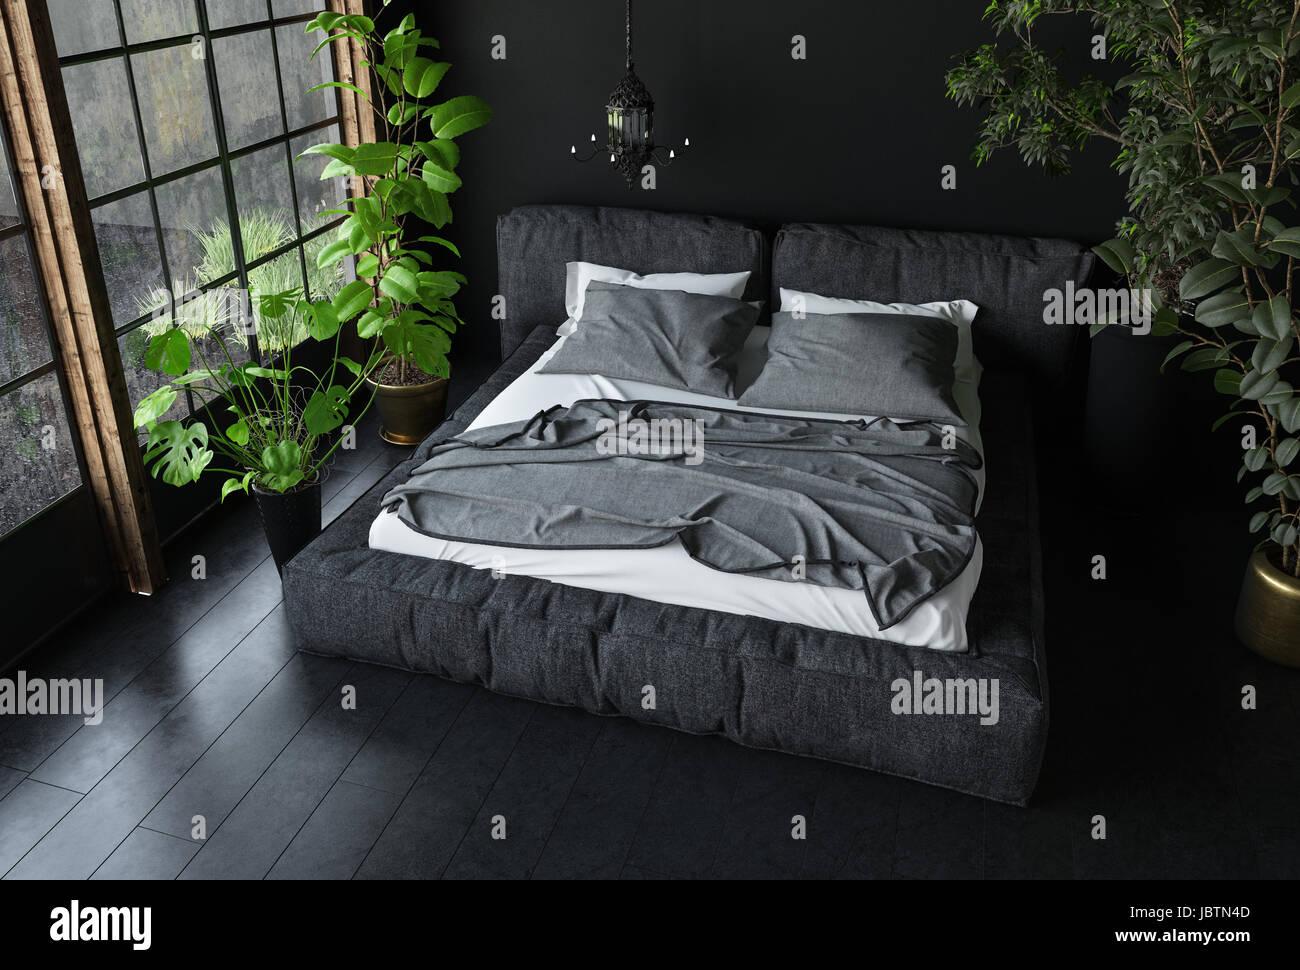 Letto king size in colori scuri in camera da letto con il nero di ...